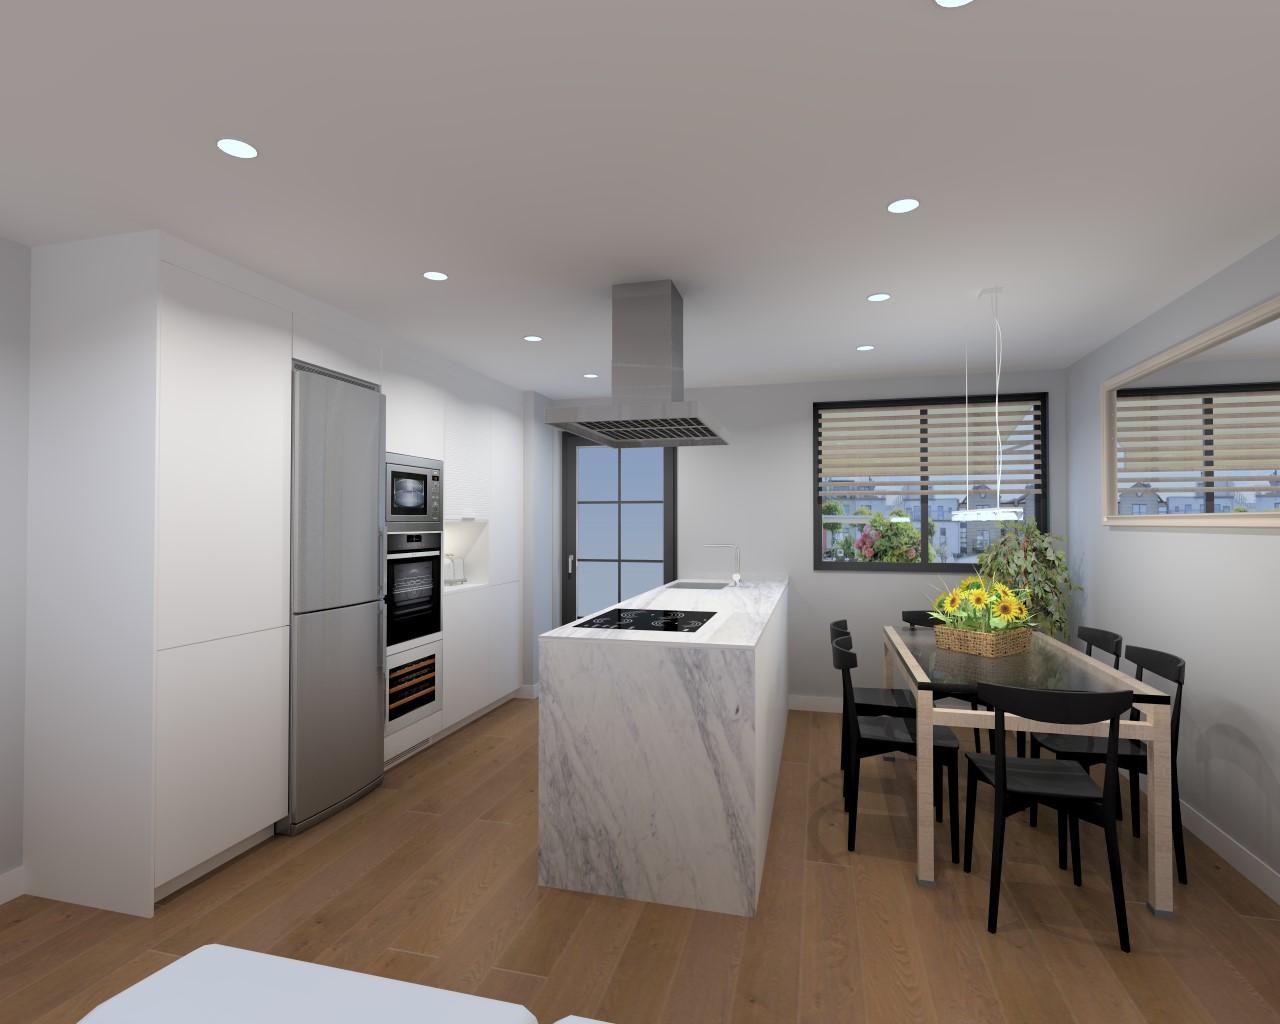 Proyecto de cocina cl sica con muebles santos docrys cocinas for Proyectos de cocina easy